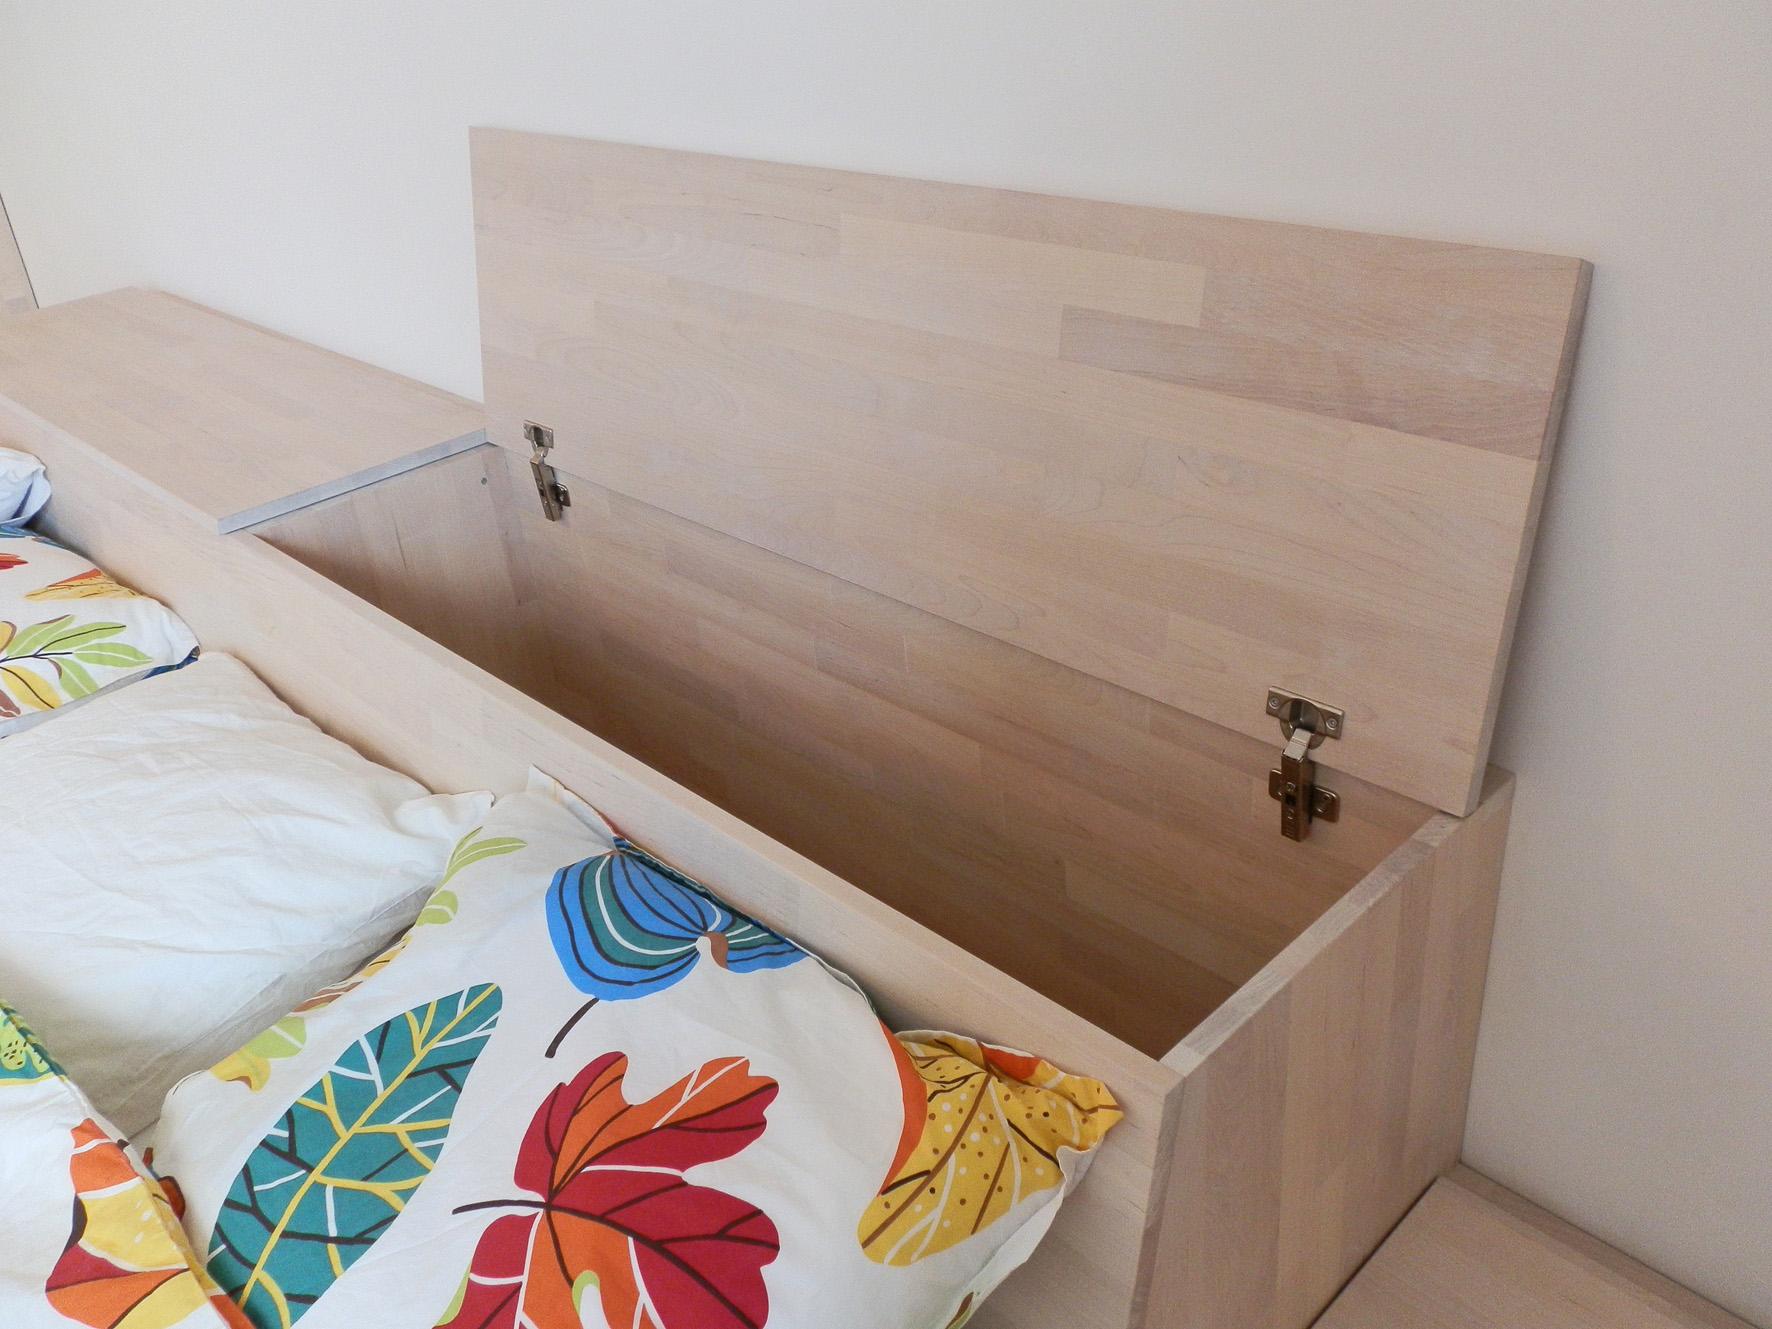 Schlafzimmer-Einrichtung in großen Altbauräumen